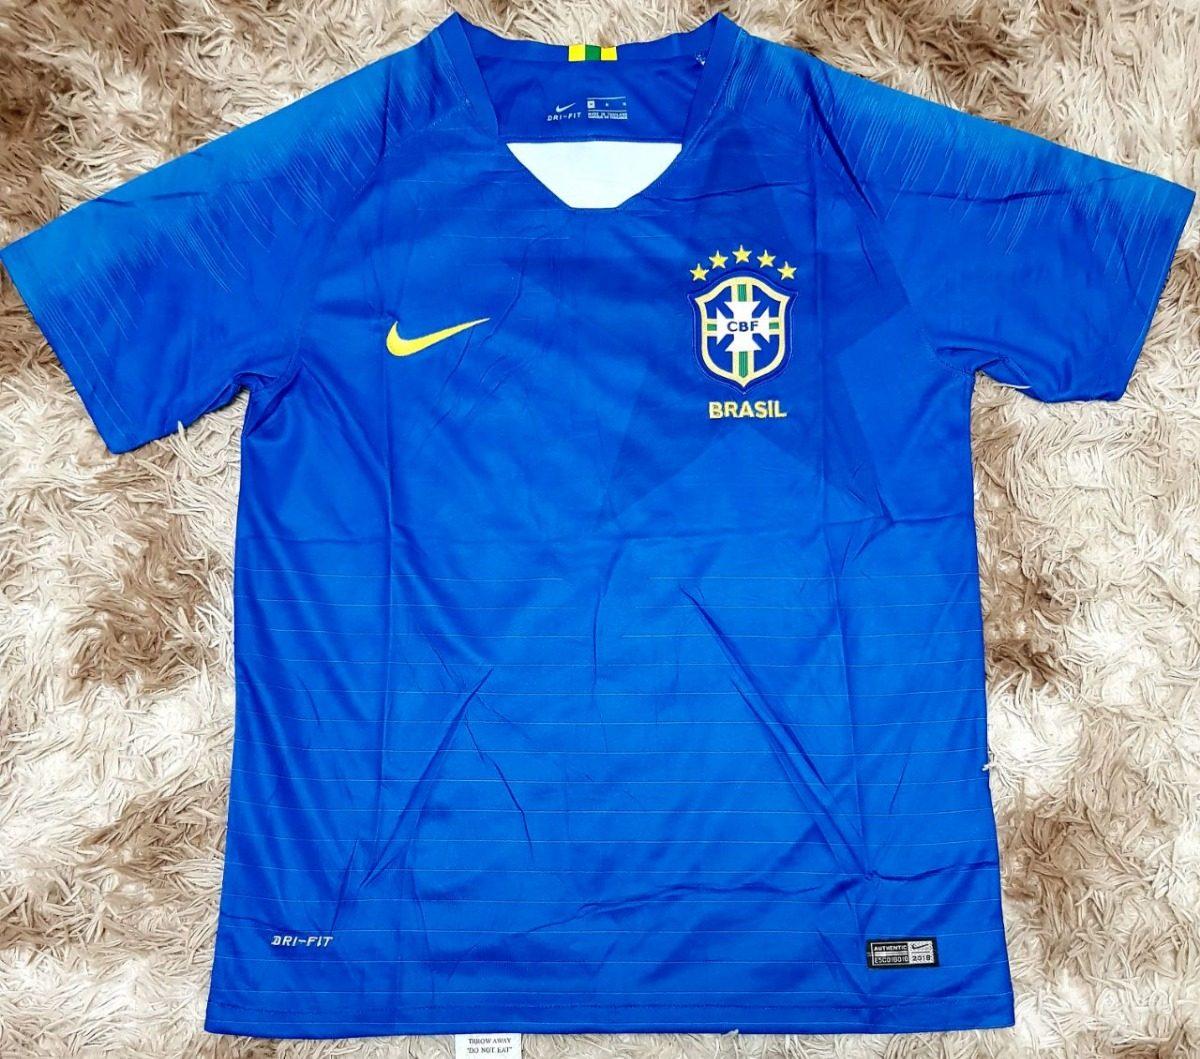 d4afad6f96 camiseta seleção brasileira oficial copa do mundo 2018. Carregando zoom.